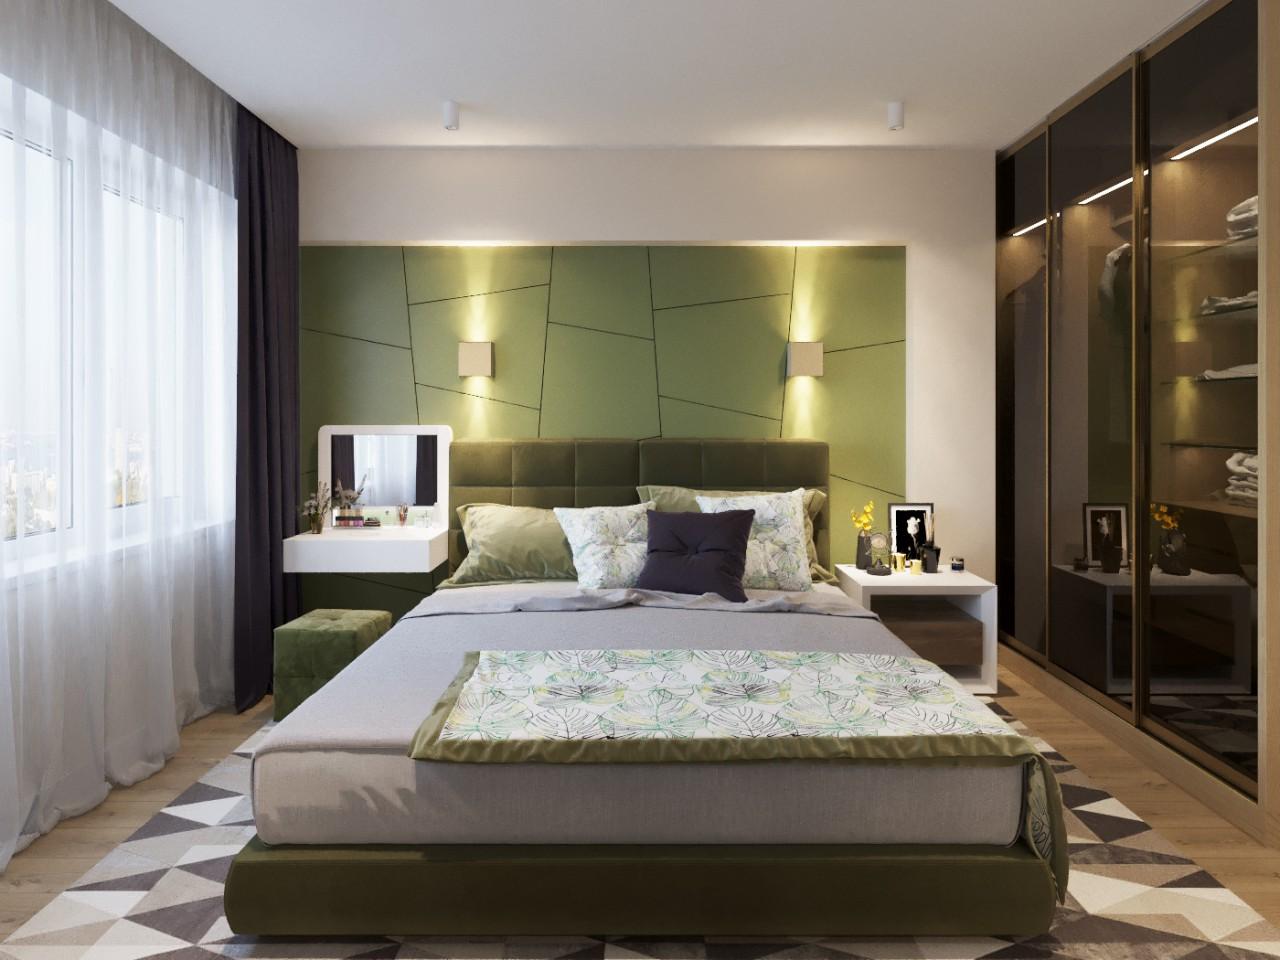 Дизайн интерьера спальни. Вариант 1